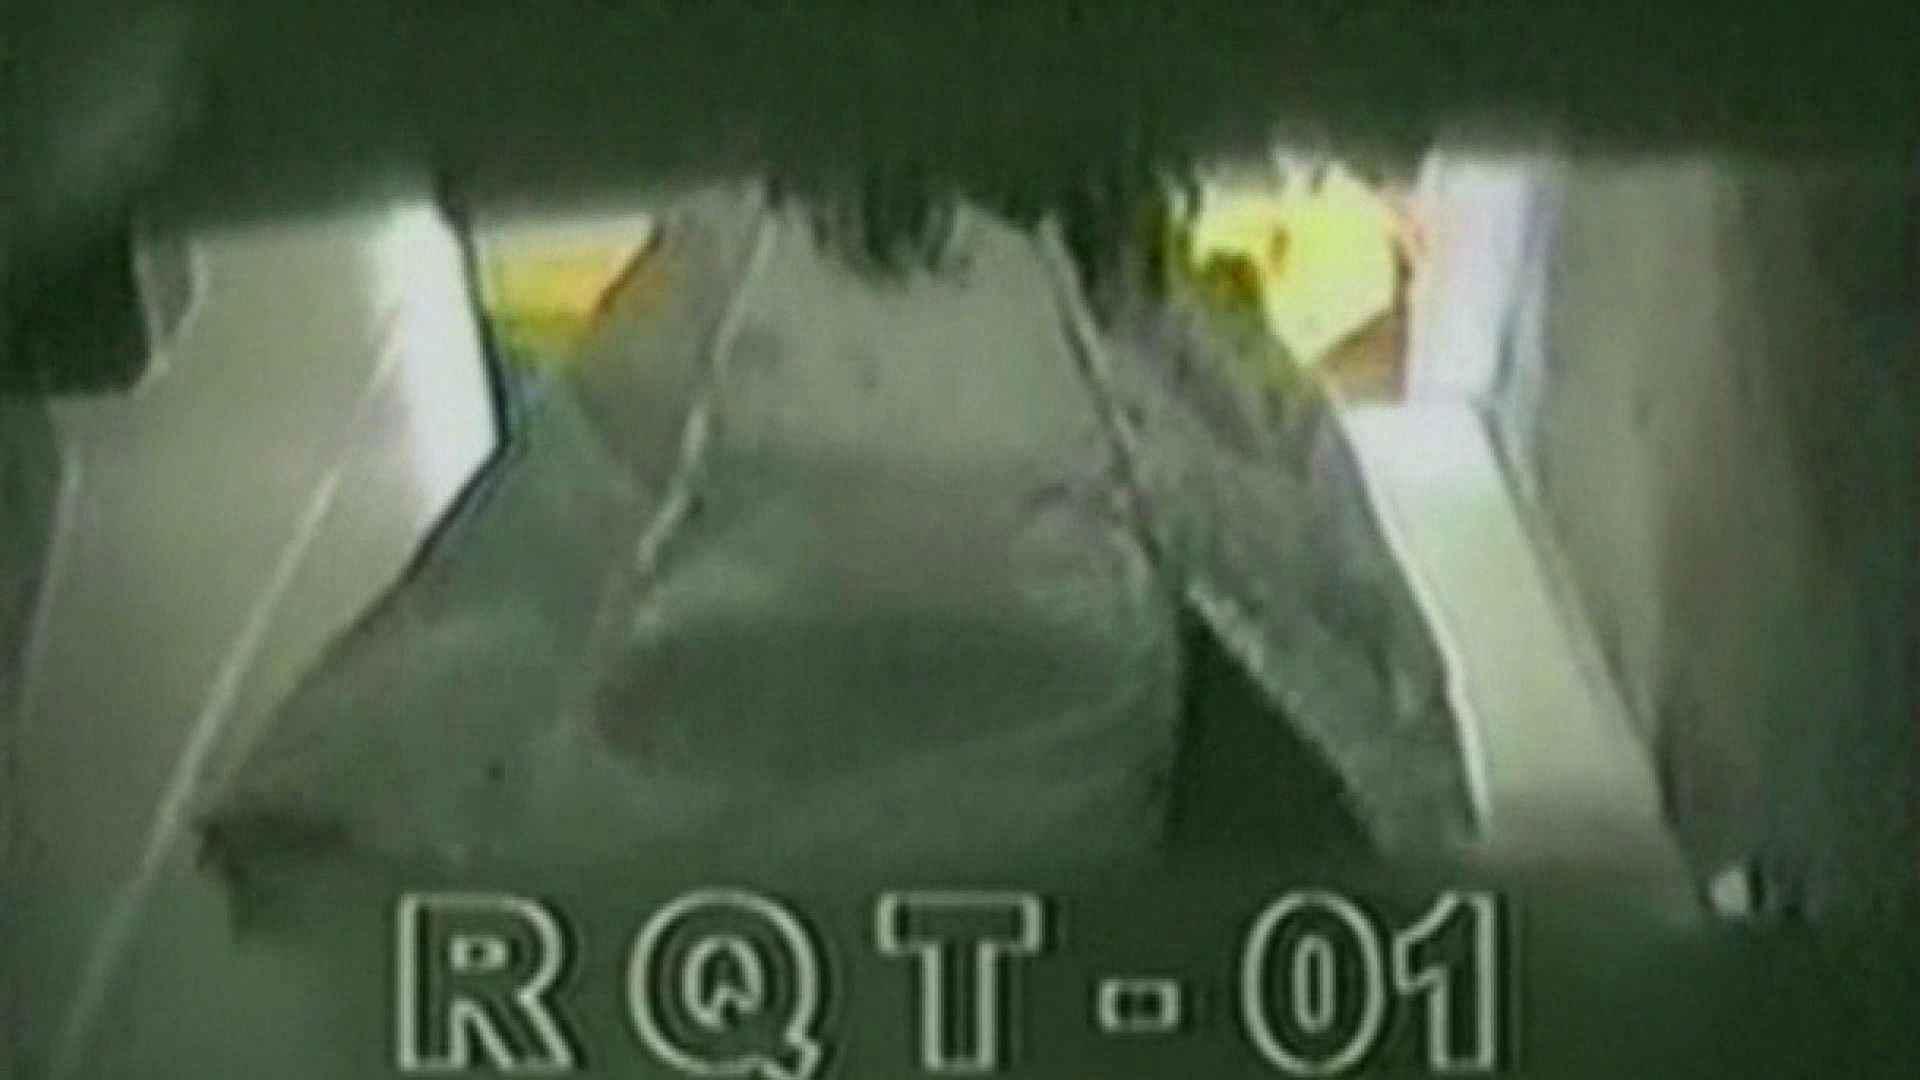 お姉さんの恥便所盗撮! Vol.2 レースクイーンエロ画像 盗撮われめAV動画紹介 89PICs 19